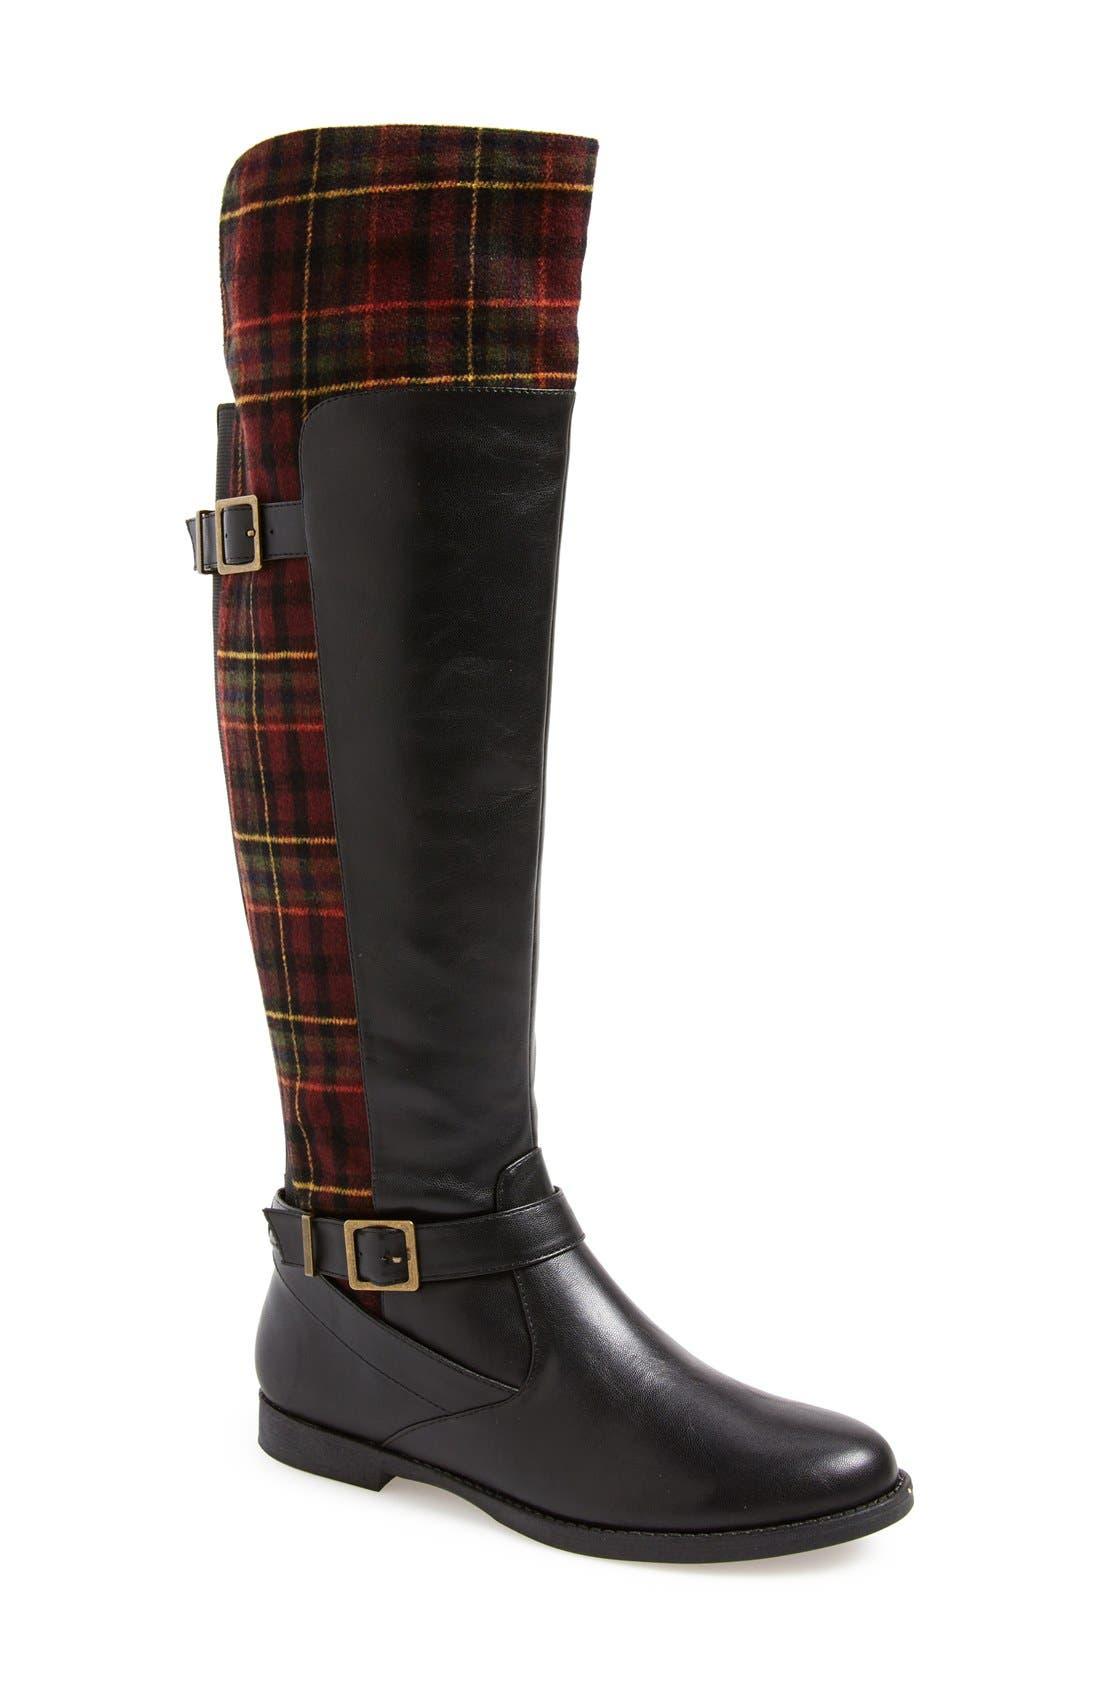 Alternate Image 1 Selected - Bella Vita 'Romy' Over the Knee Boot (Women)